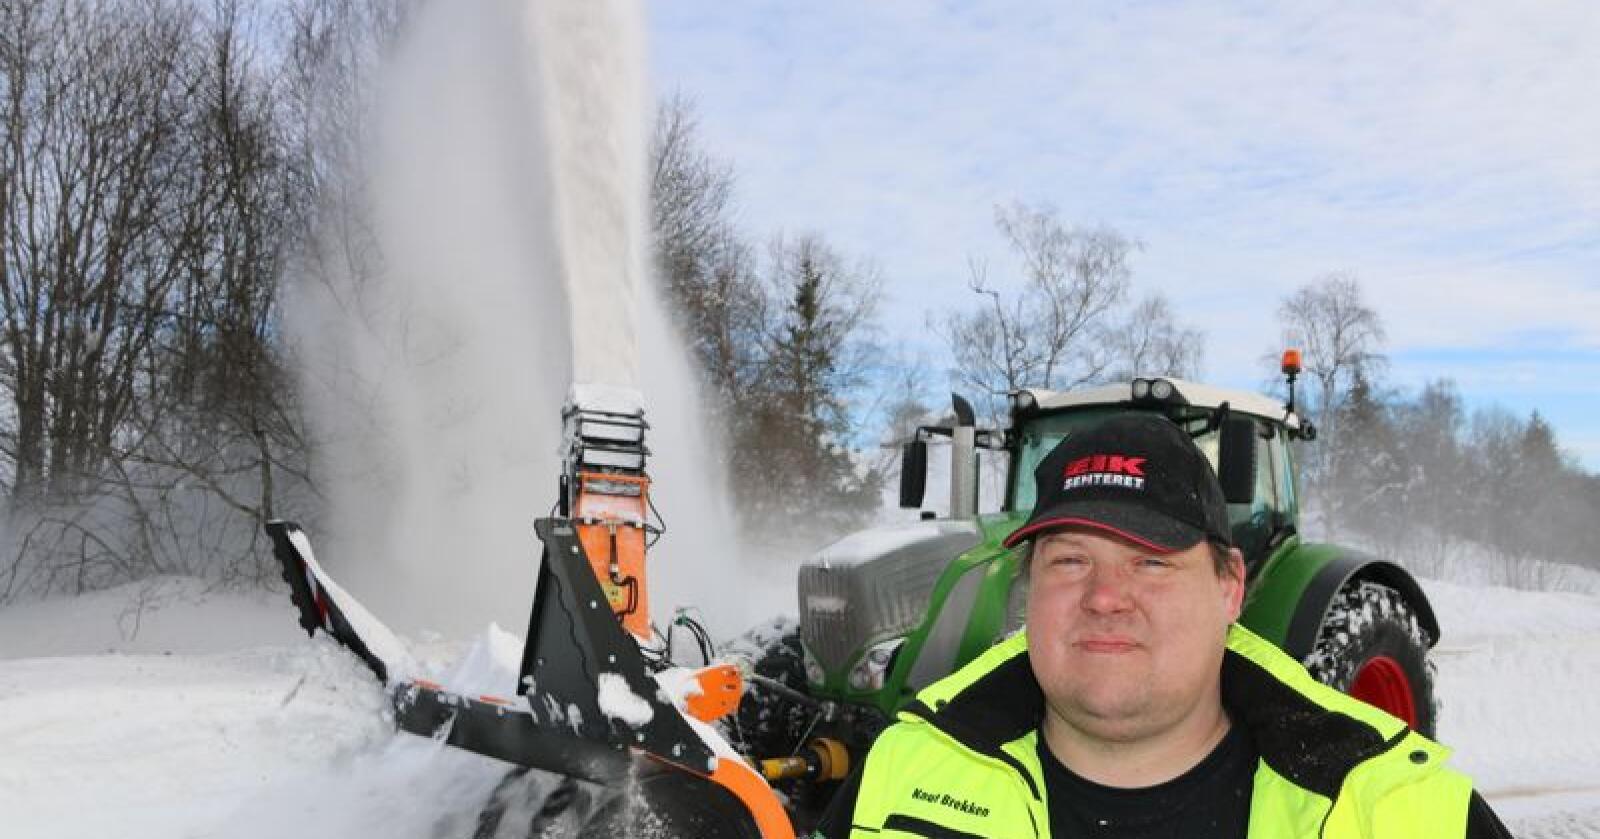 Knut Brekken fra Eik Sentret i Gjøvik var på plass med Dalen snøfreser på brøytedagen i Aust-Torpa.